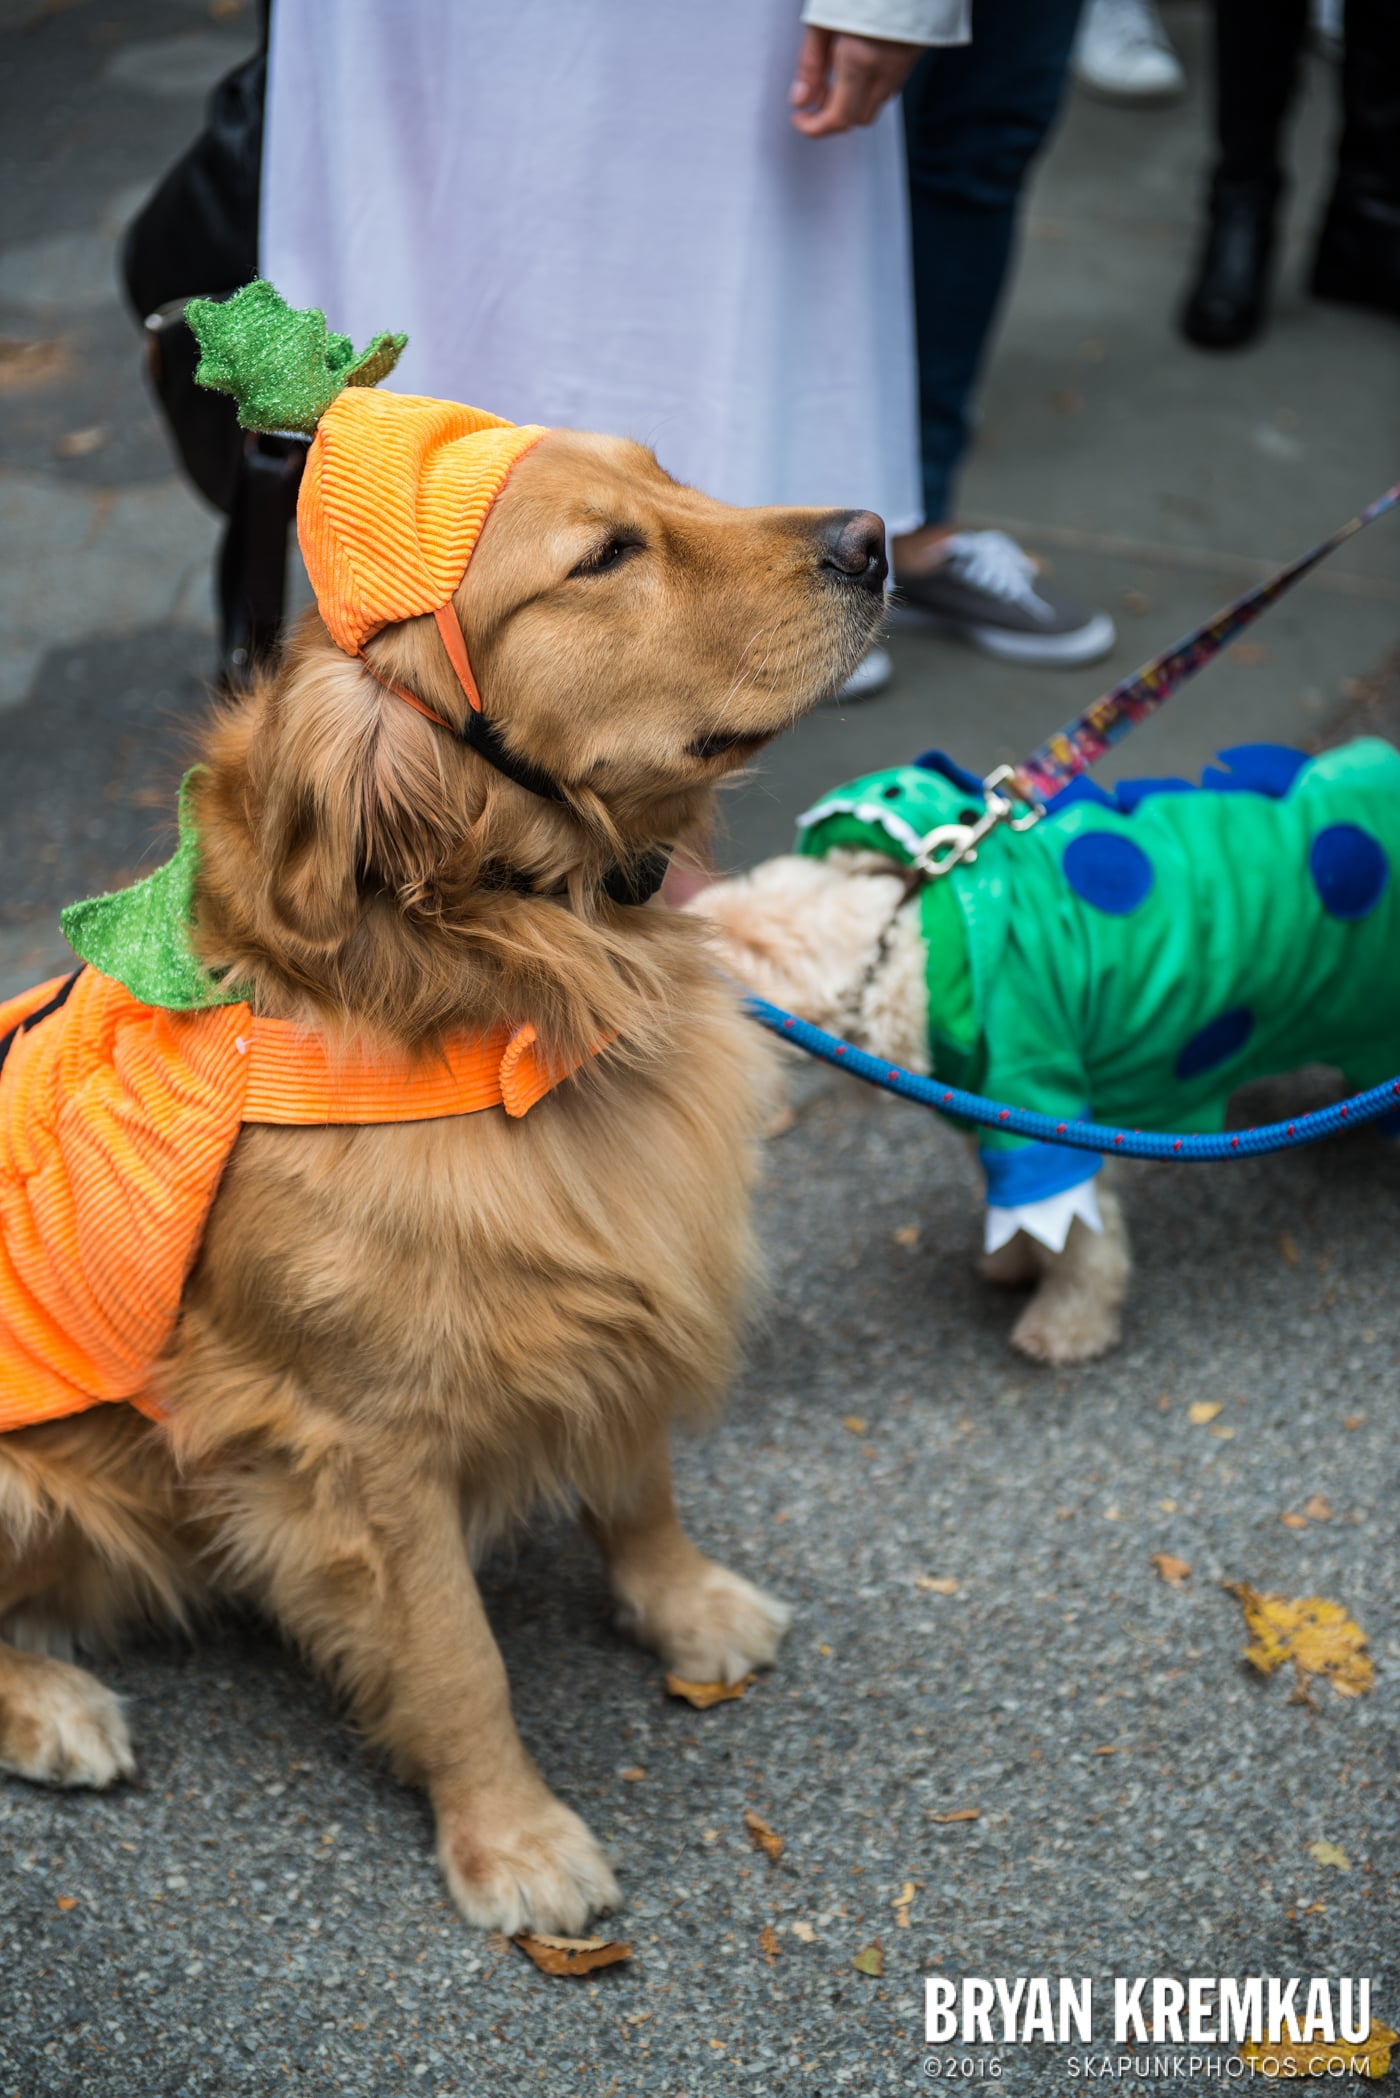 Tompkins Square Halloween Dog Parade 2015 @ Tompkins Square Park, NYC – 10.24.15 (6)